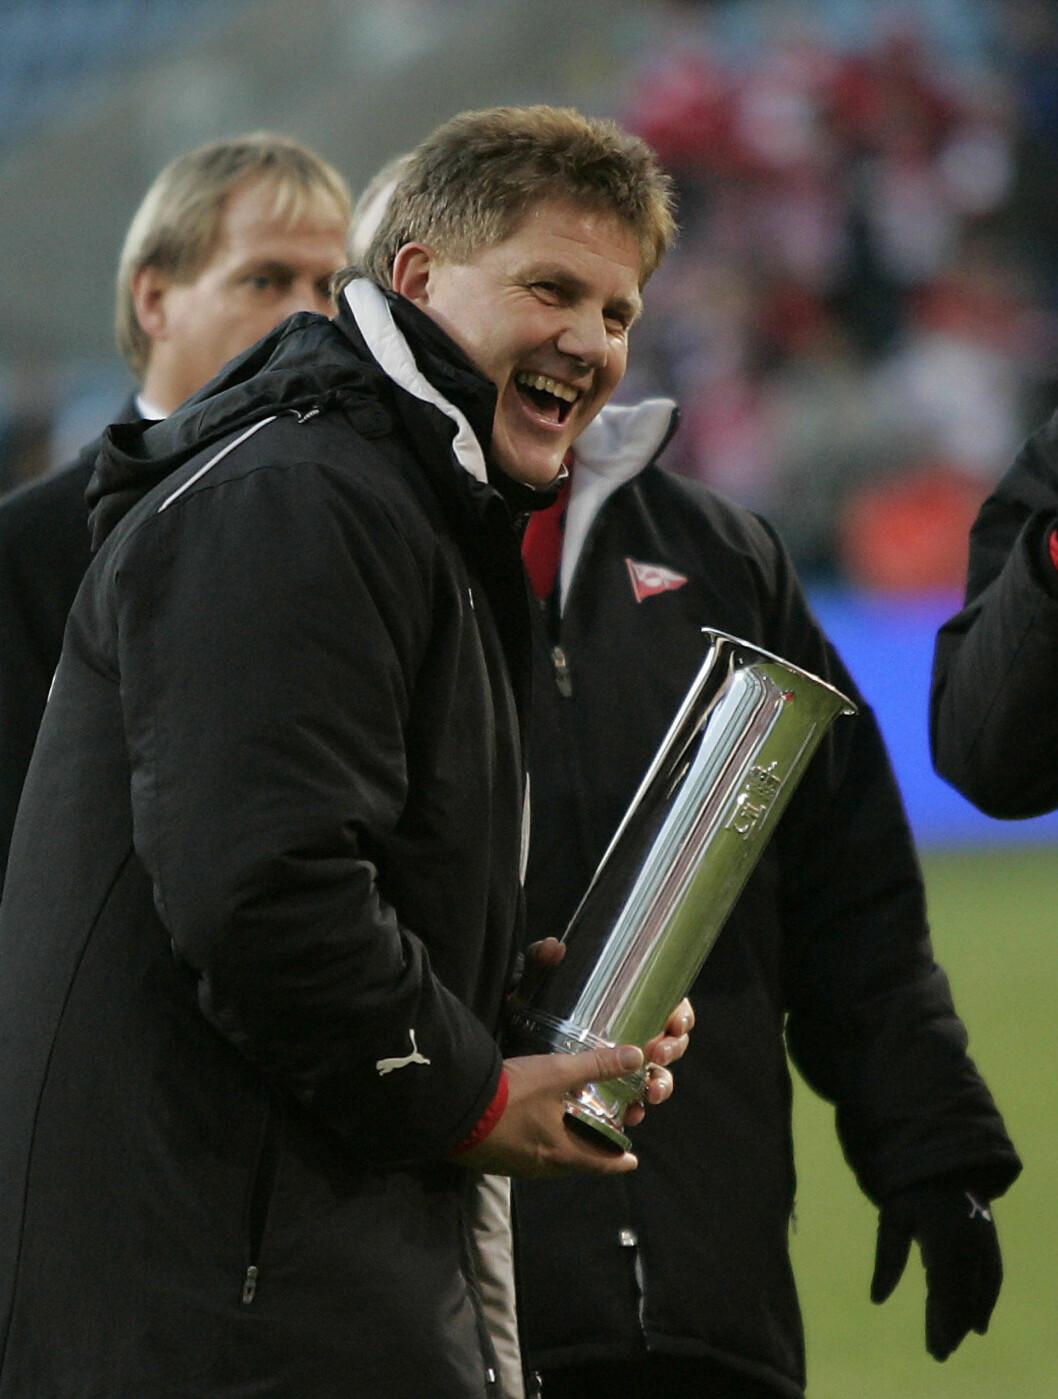 <strong>TRENER-TRIUMF:</strong>: Fredrikstad-trener Knut Torbjørn Eggen var strålende fornøyd etter 3-0 seieren over Sandefjord under cupfinalen på Ullevaal Stadion i 2006. Foto: SCANPIX